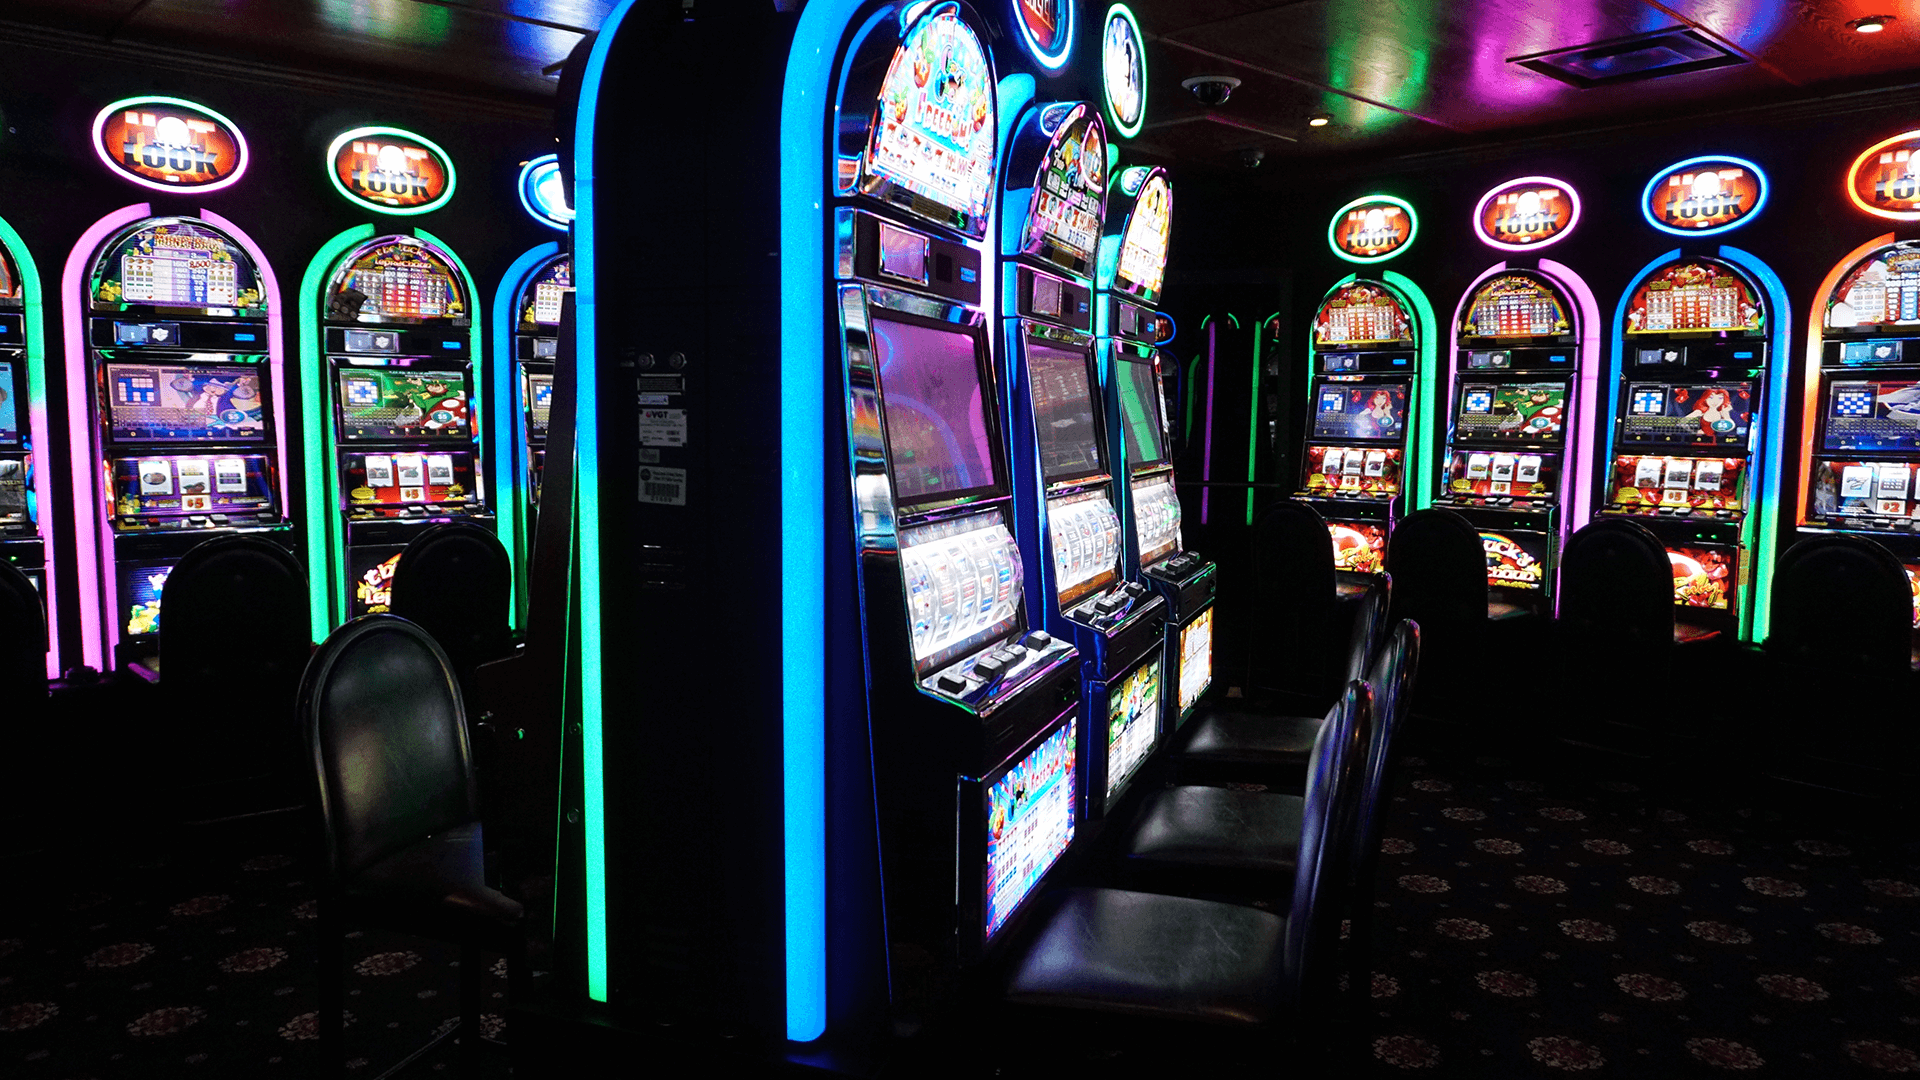 Игровые автоматы играть бесплатно 3d бесплатные азартные игры игровые автоматы играть бесплатно и без регистрации